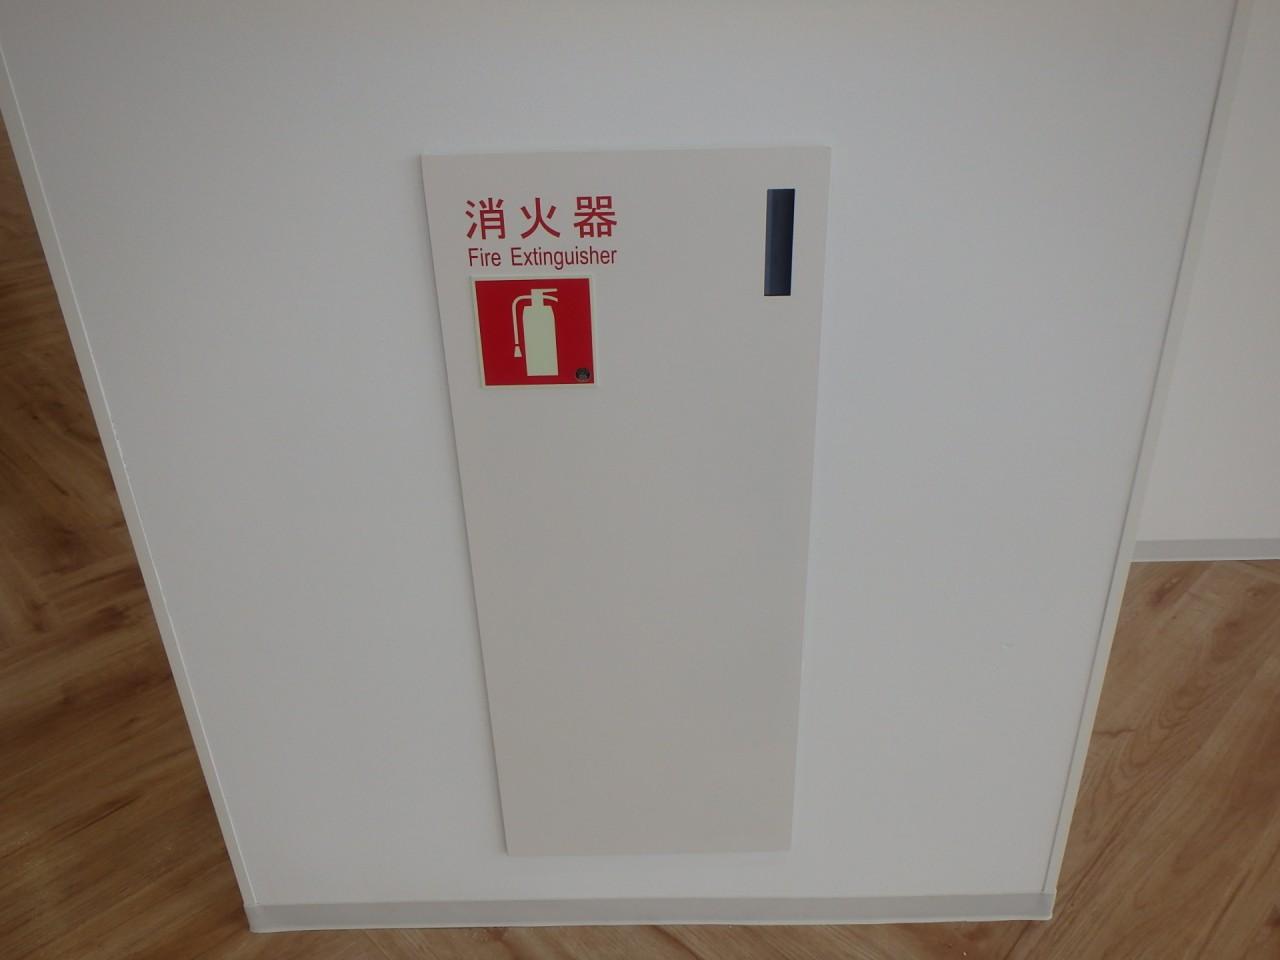 消防設備のイメージ